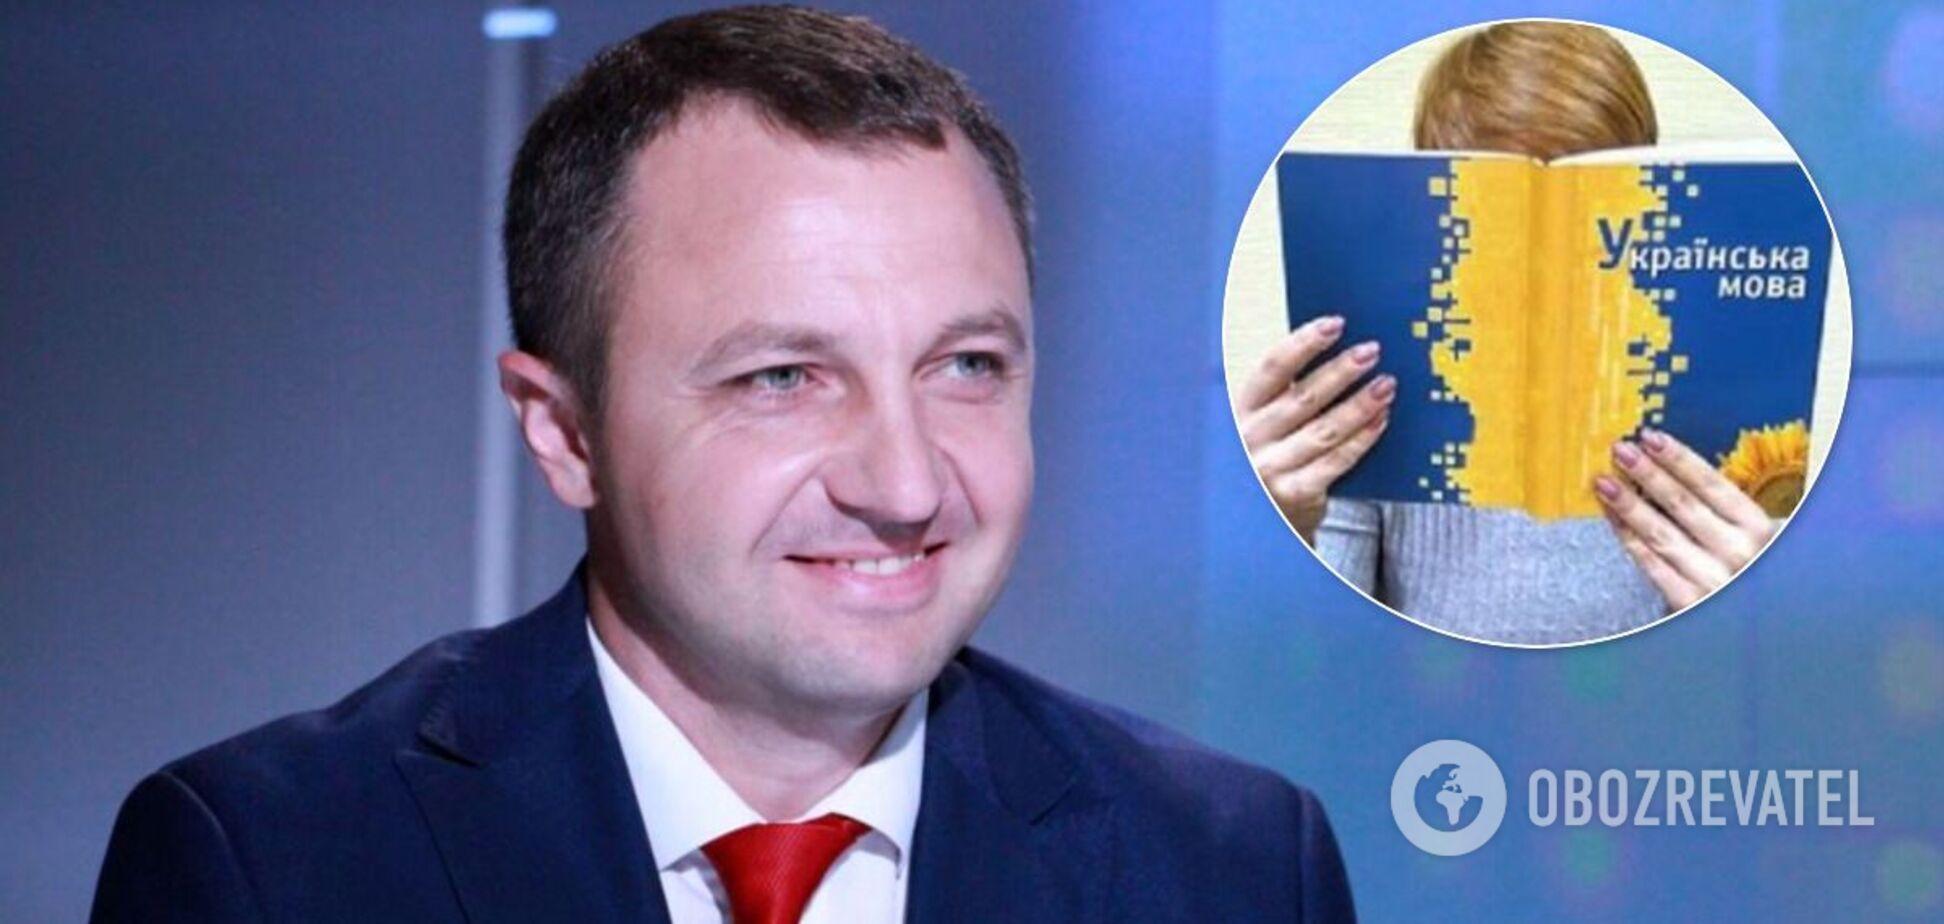 З'явилися деталі про іспит з української мови для держслужбовців